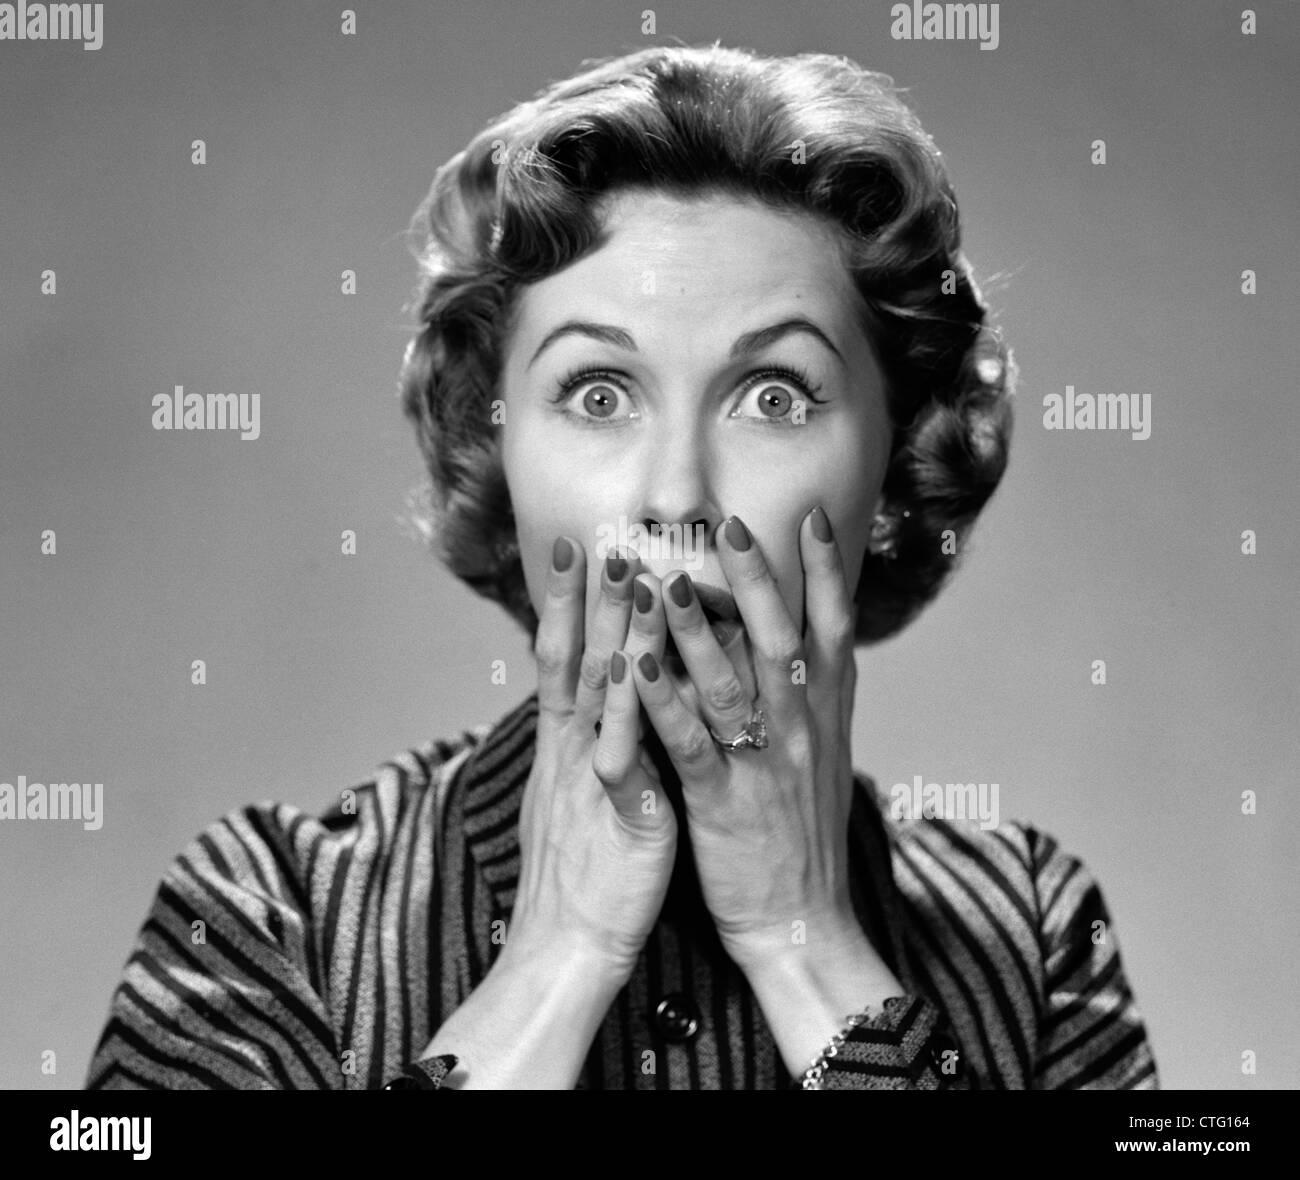 1950 Retrato de mujer en traje a rayas de manos a boca con conmocionado expresión mirando a la cámara Imagen De Stock